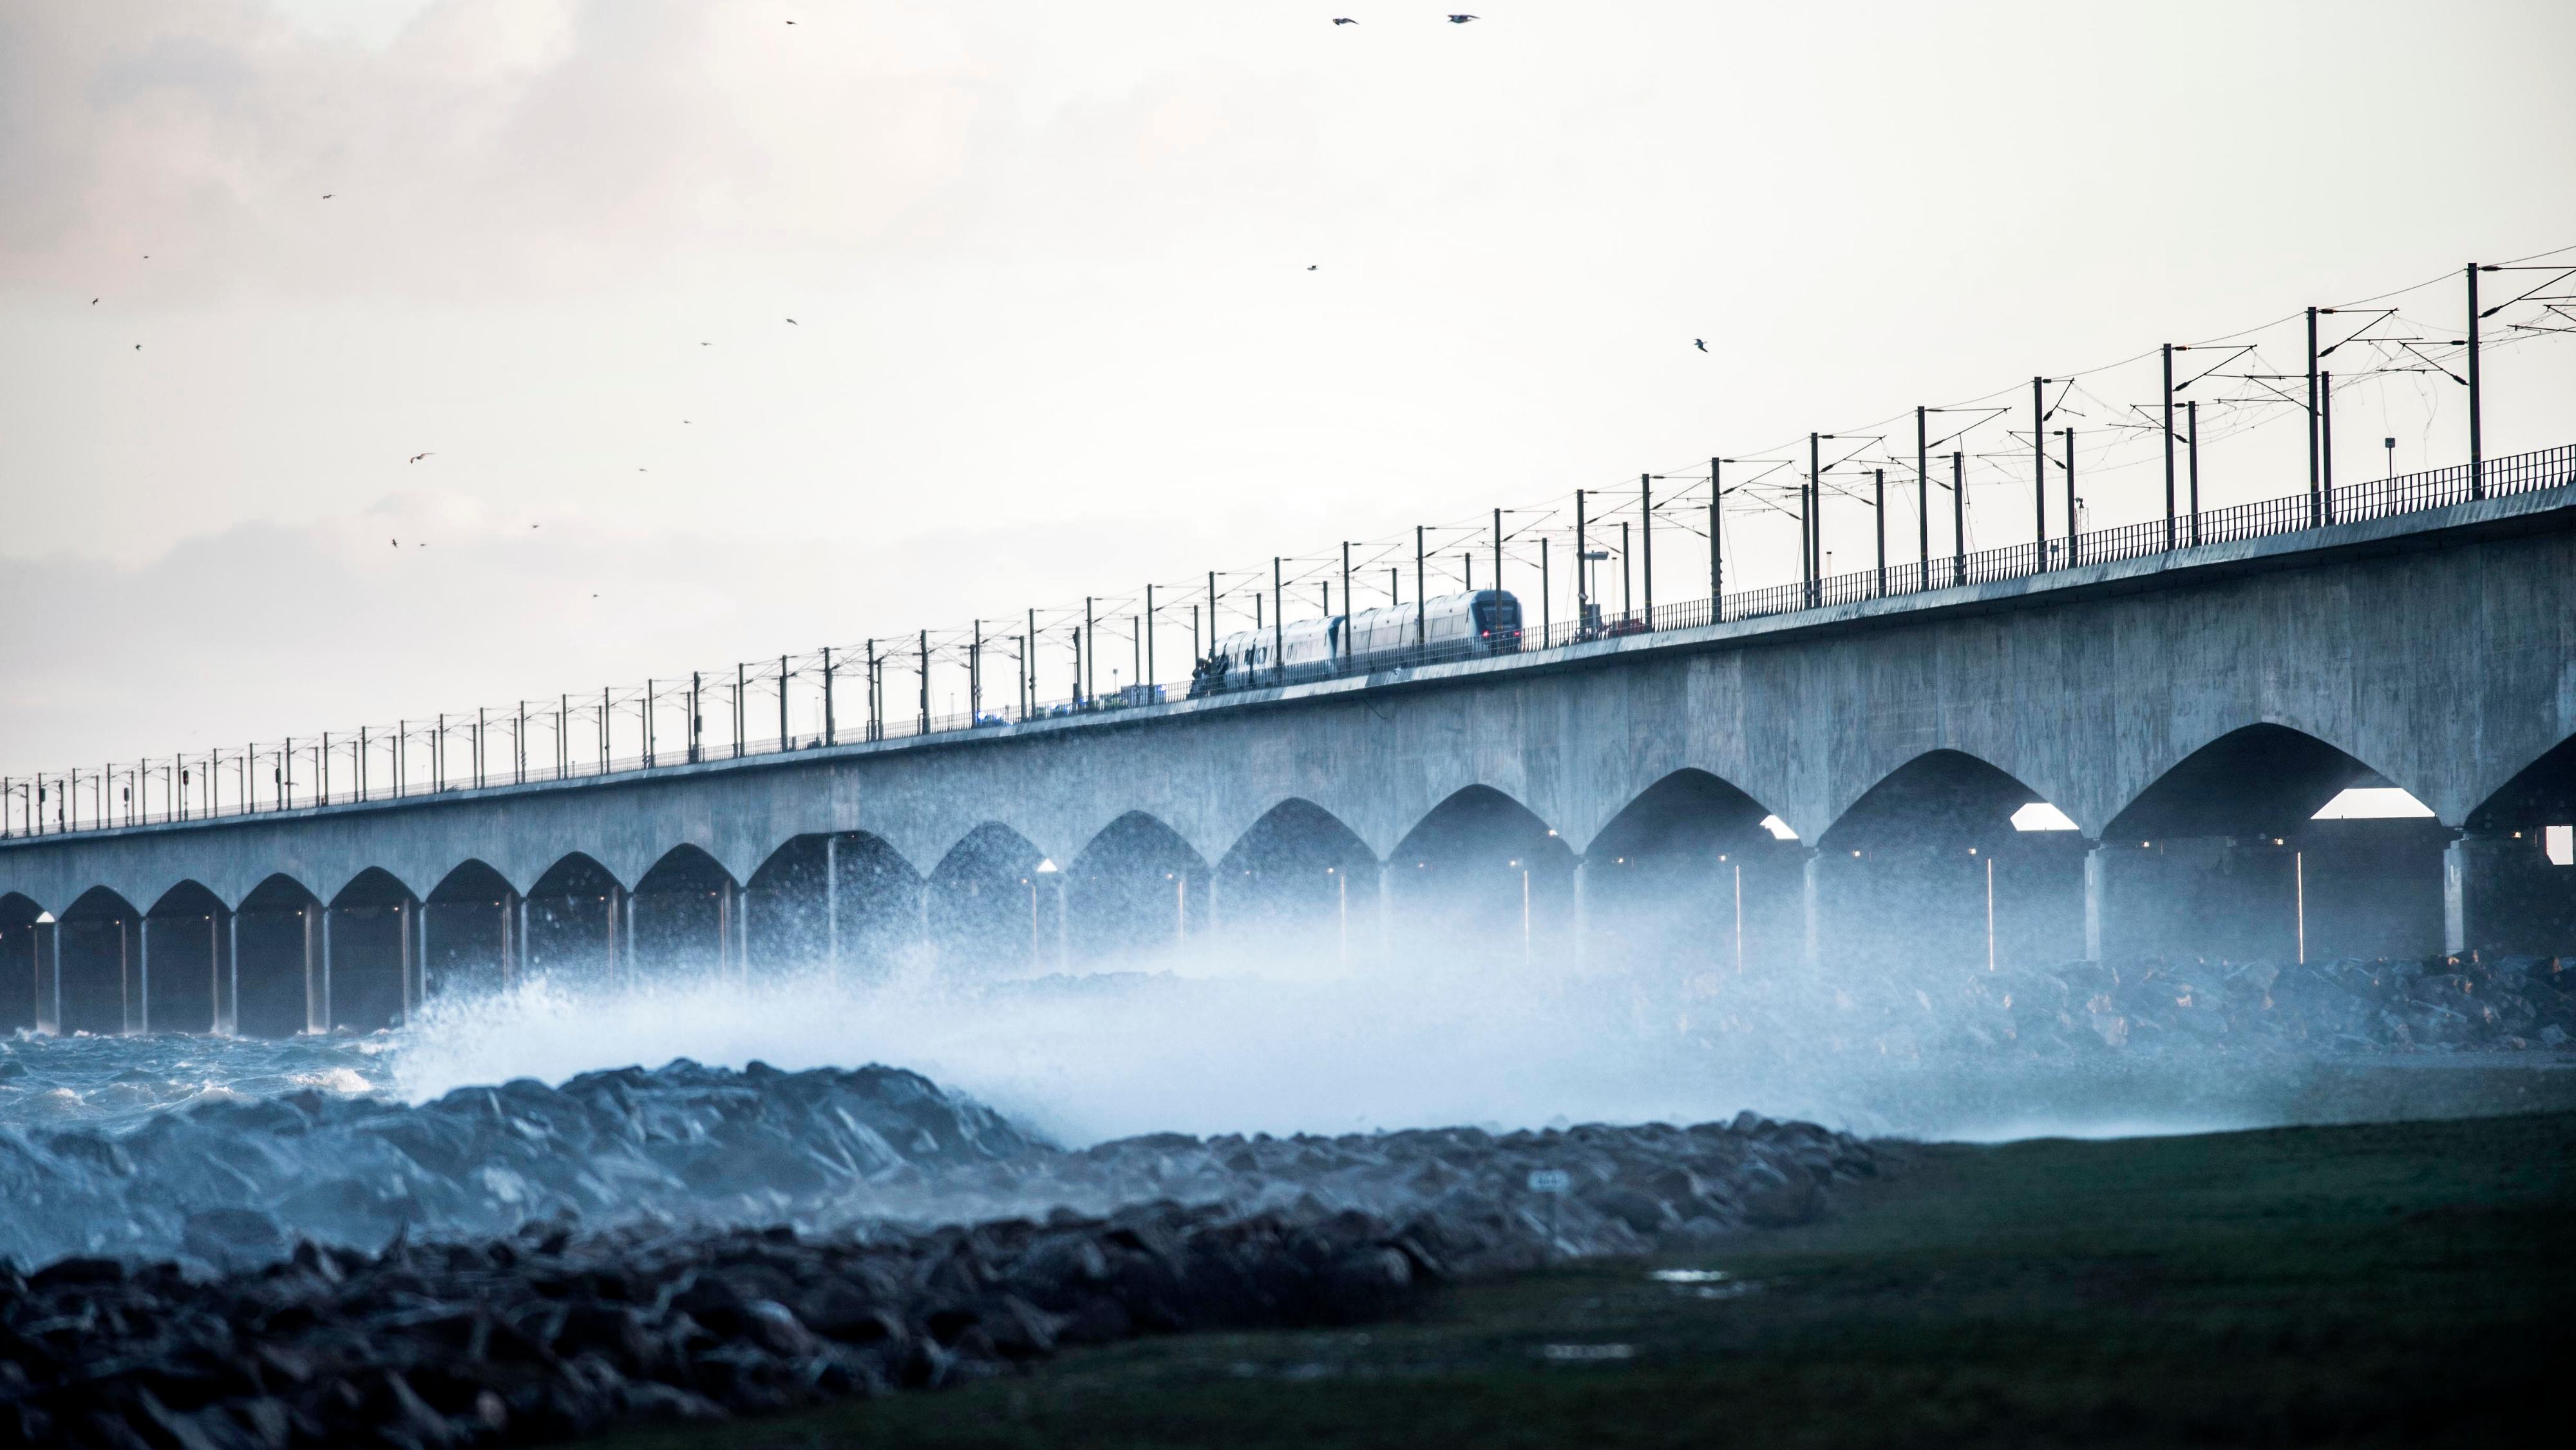 El tren de pasajeros varado sobre el puente tras a colisión (AFP)